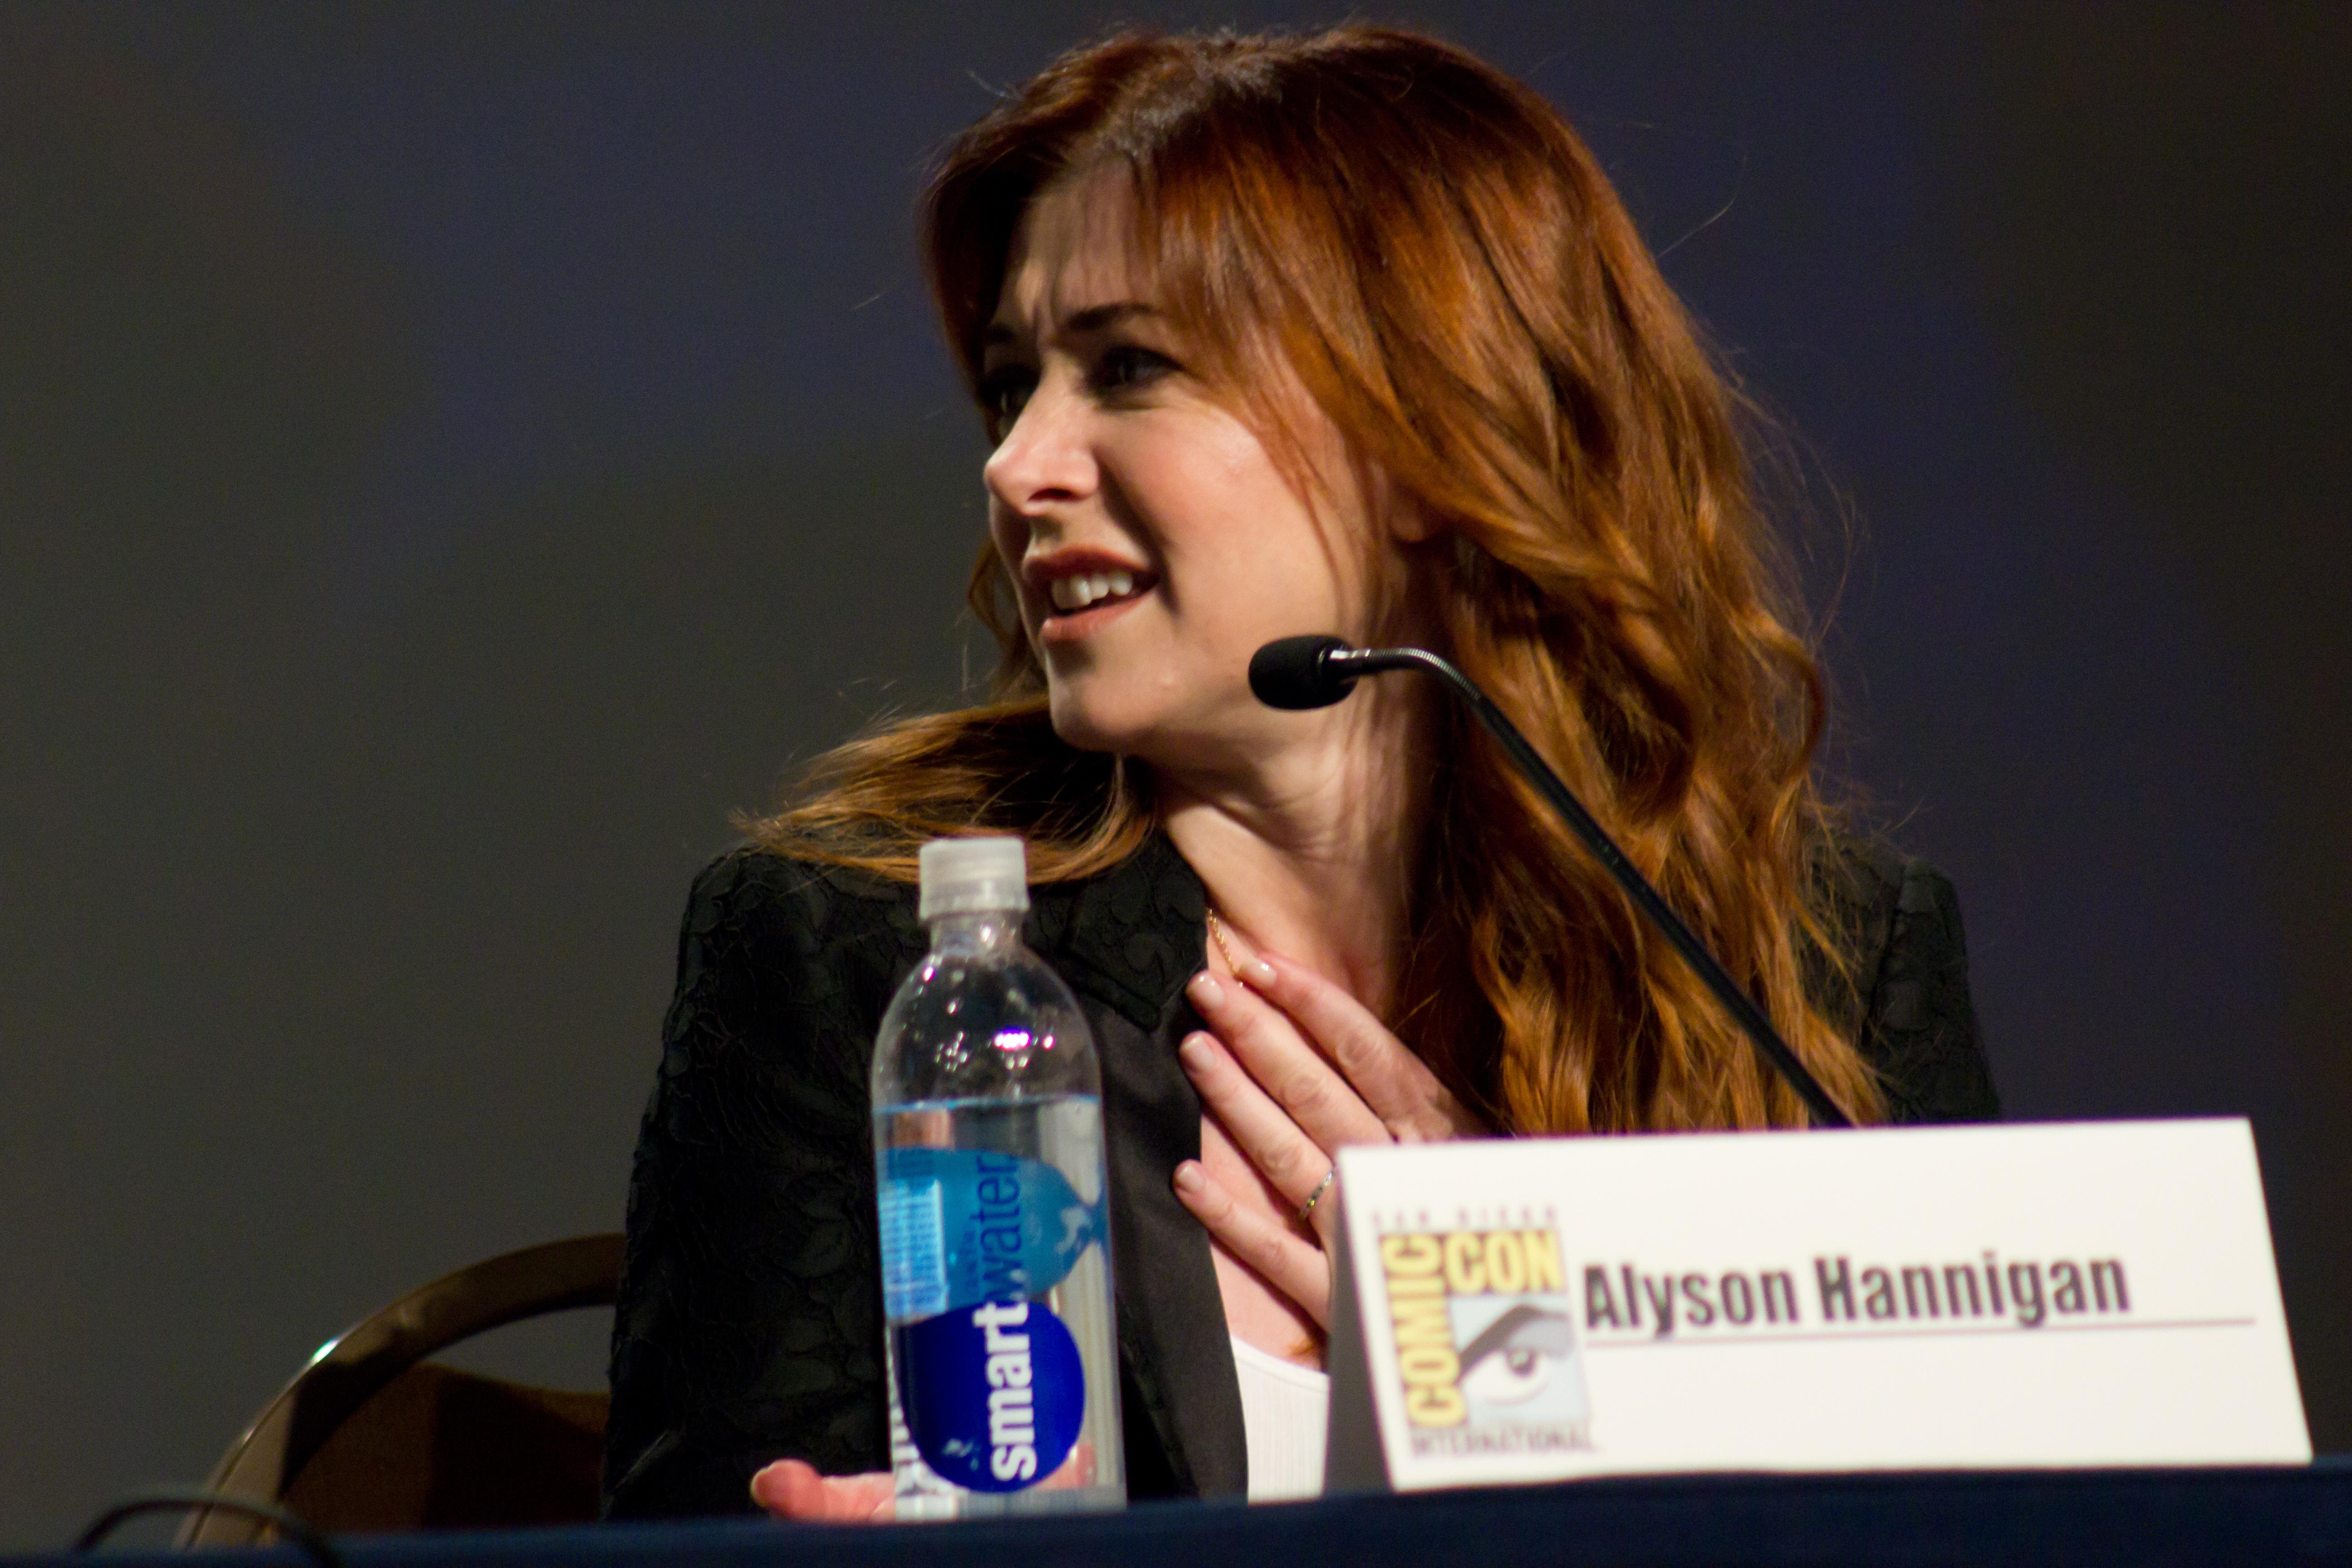 How I Met Your Mother Alyson Hannigan HD Wallpaper